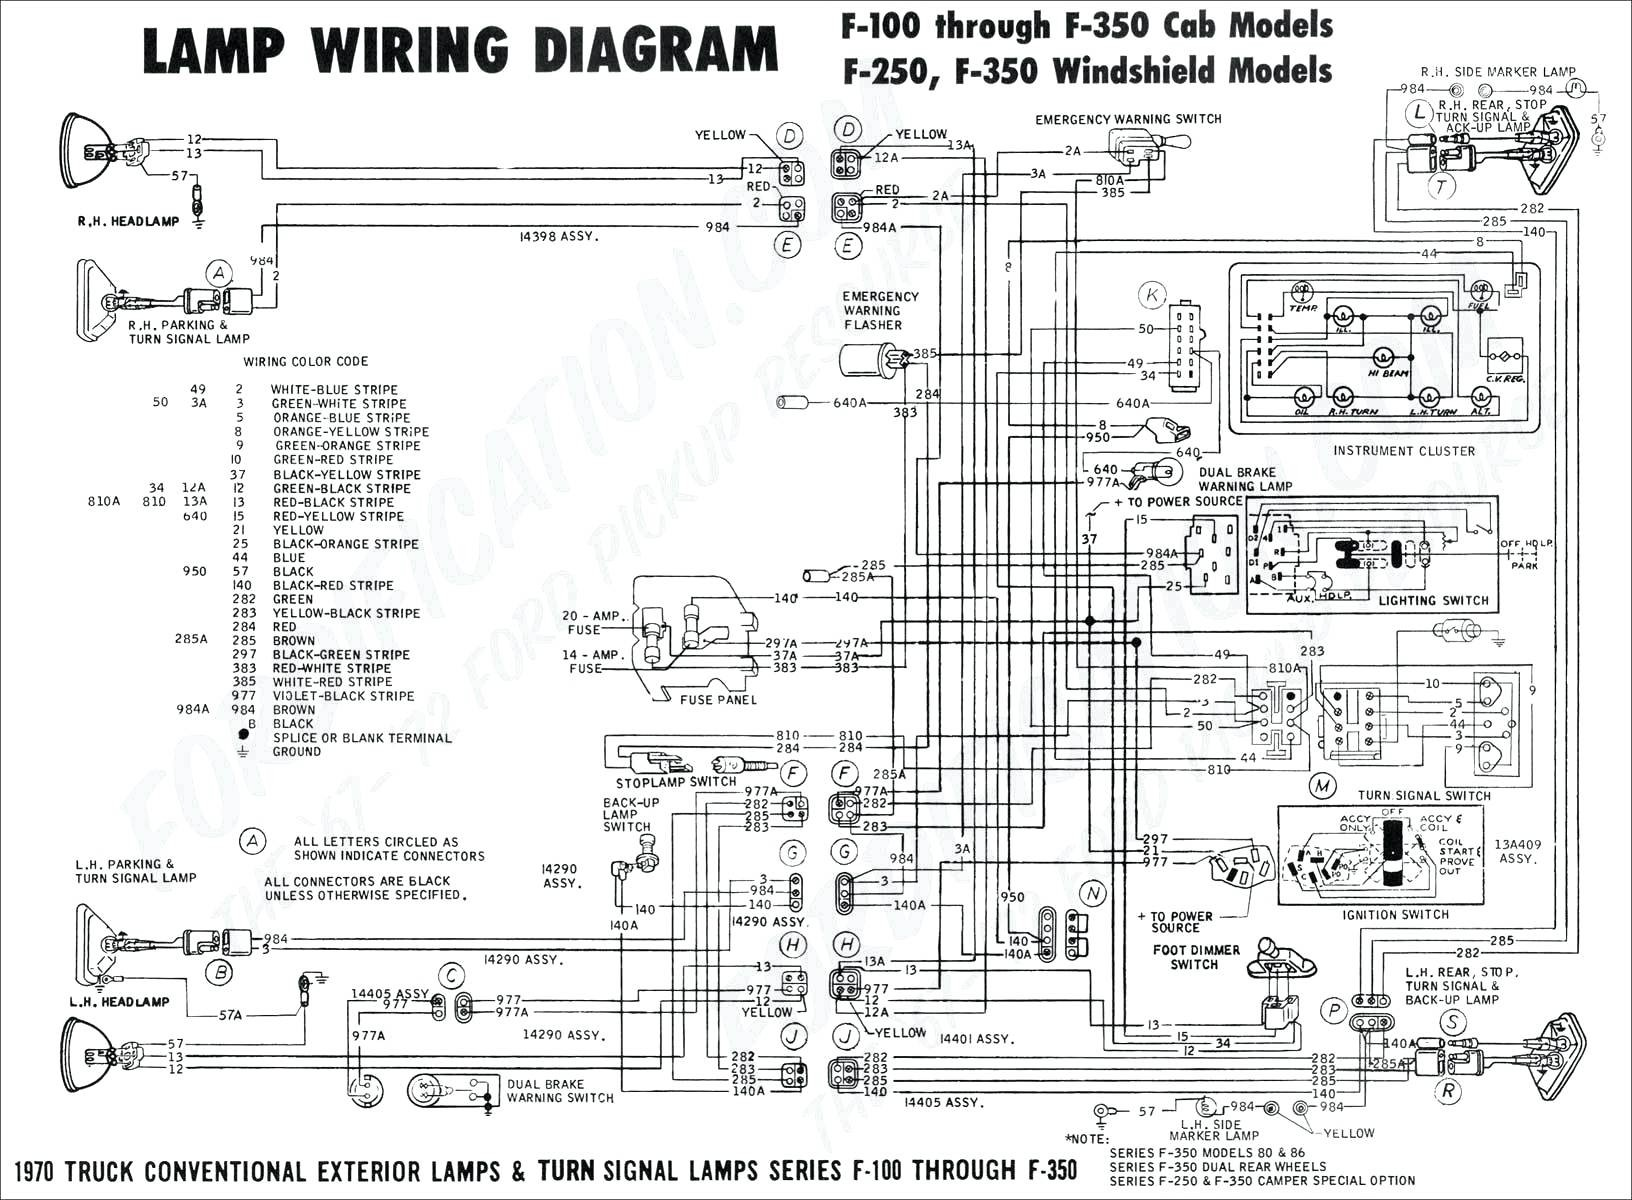 Electric Fuel Pump Relay Wiring Diagram Leryn Franco In Addition 2000 toyota Tundra Fuel Pump Wiring Diagram